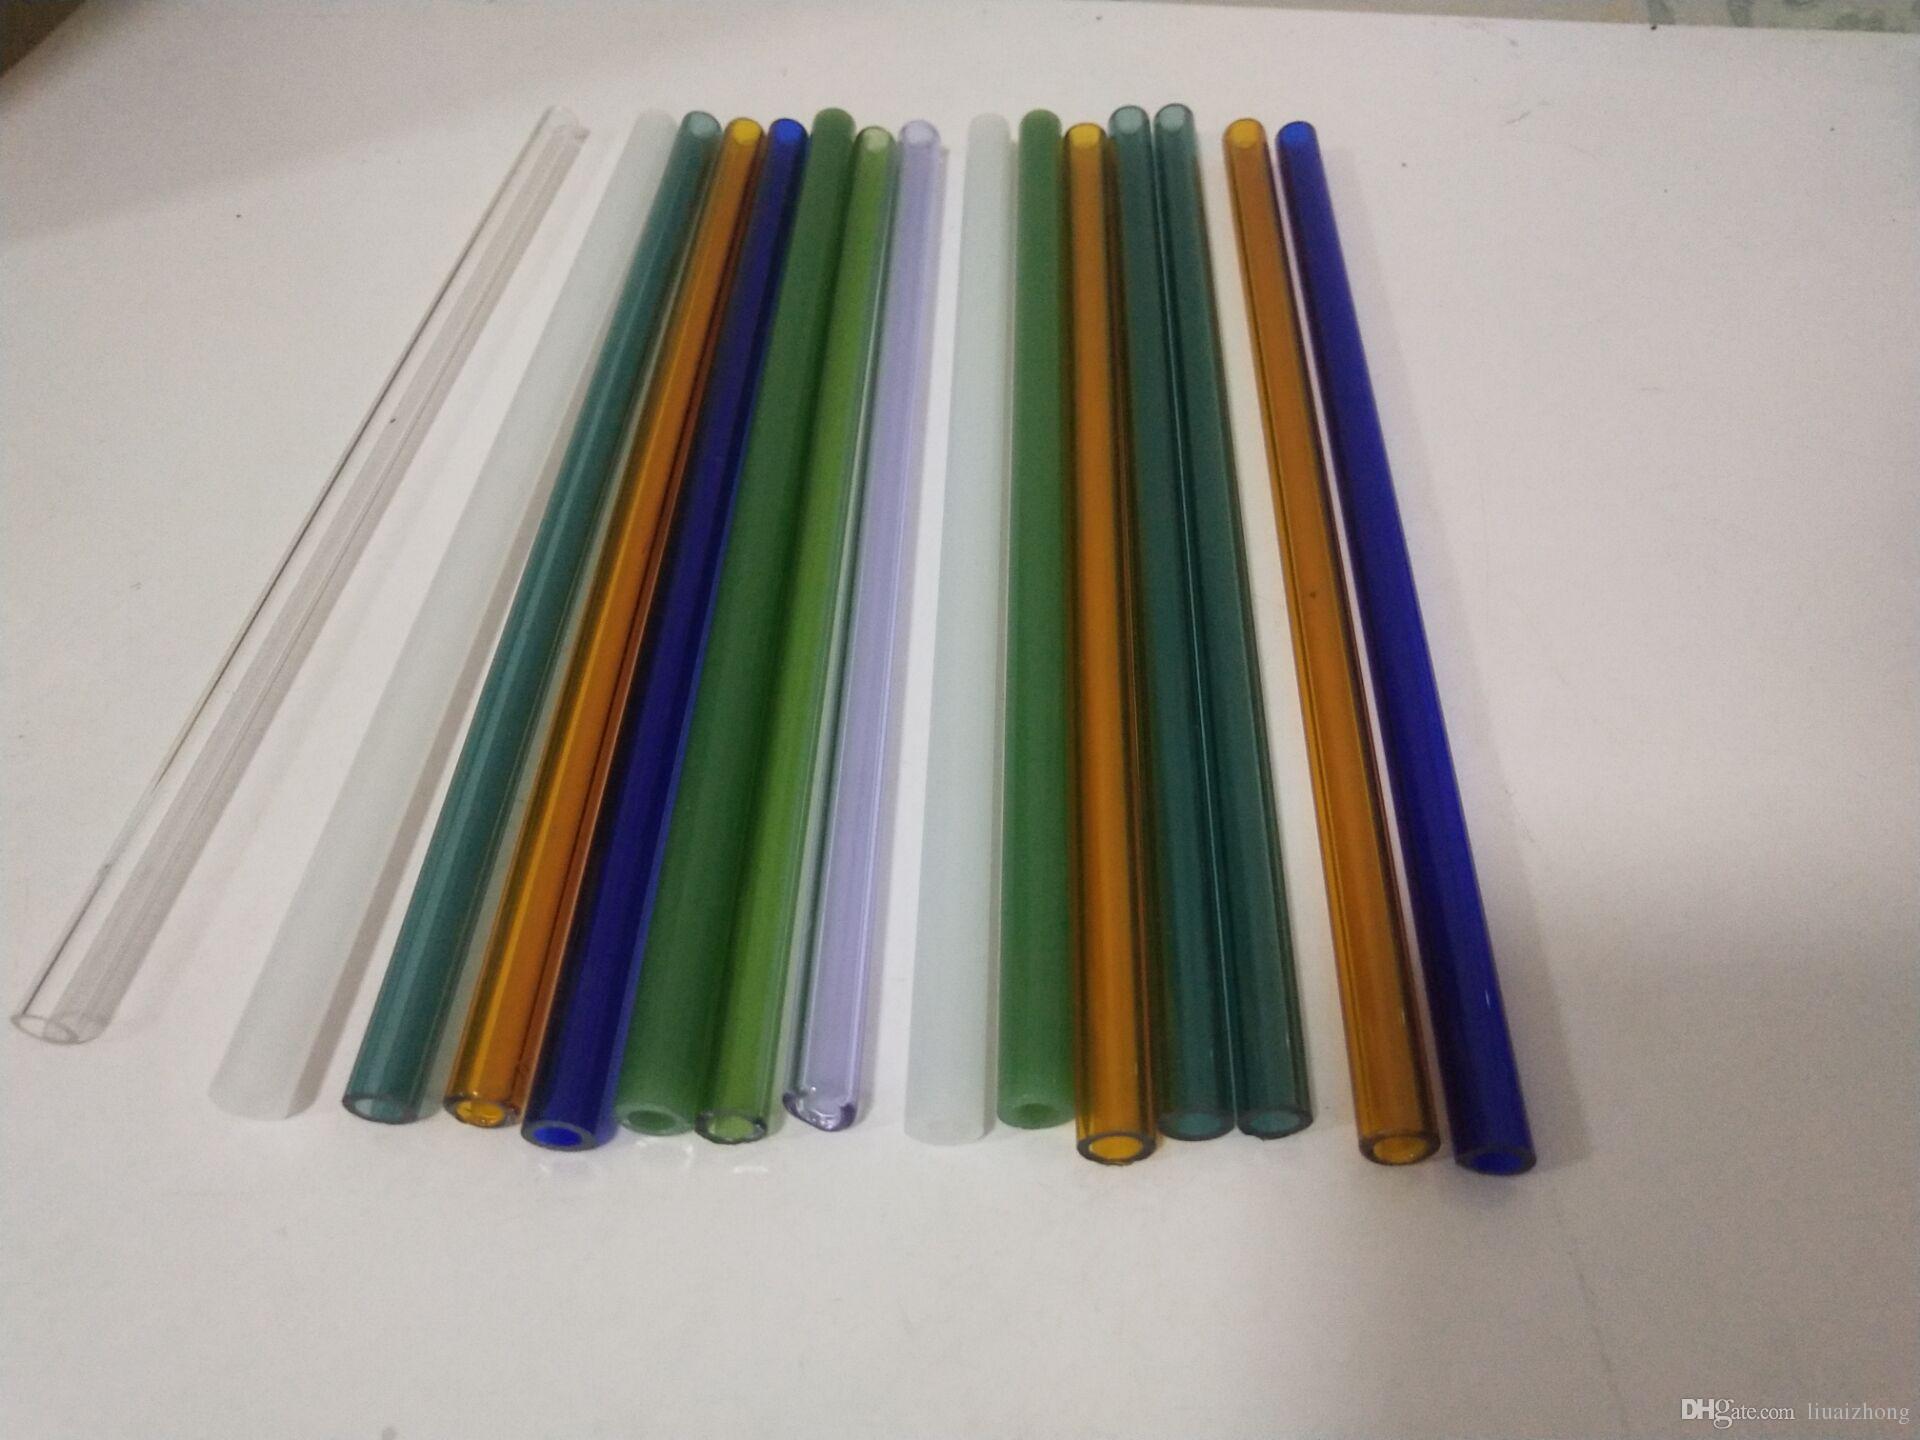 Новый высокий боросиликат цветные стеклянные водопроводные трубы фитинги цвет стеклянная трубка длина 20 см стекло бонг